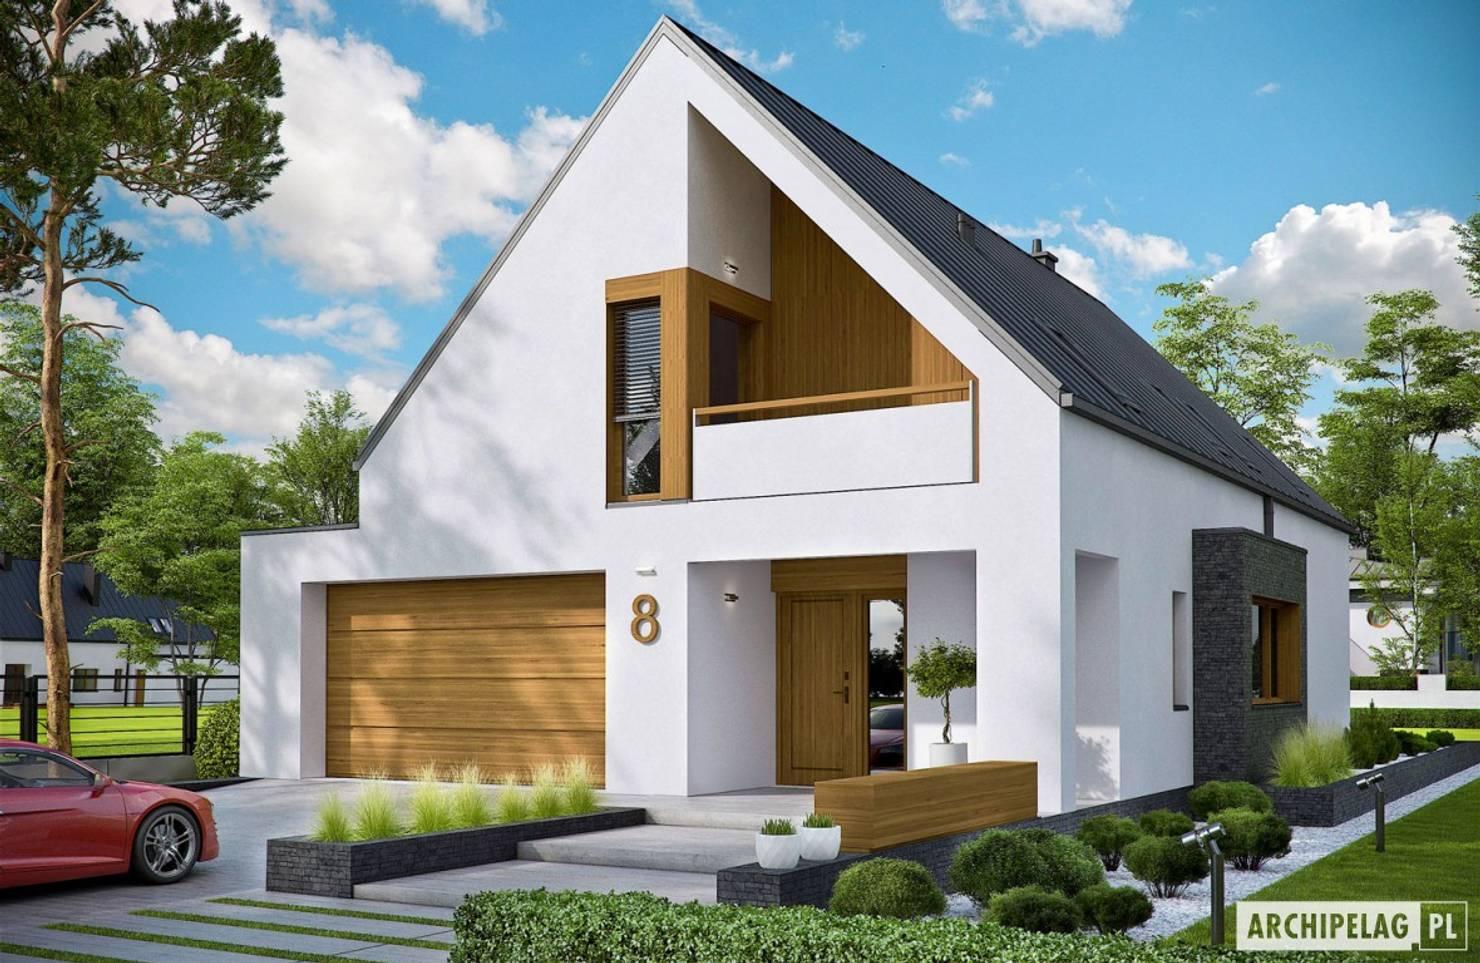 Modernes, komfortables Wohnen auf 135 Quadratmetern